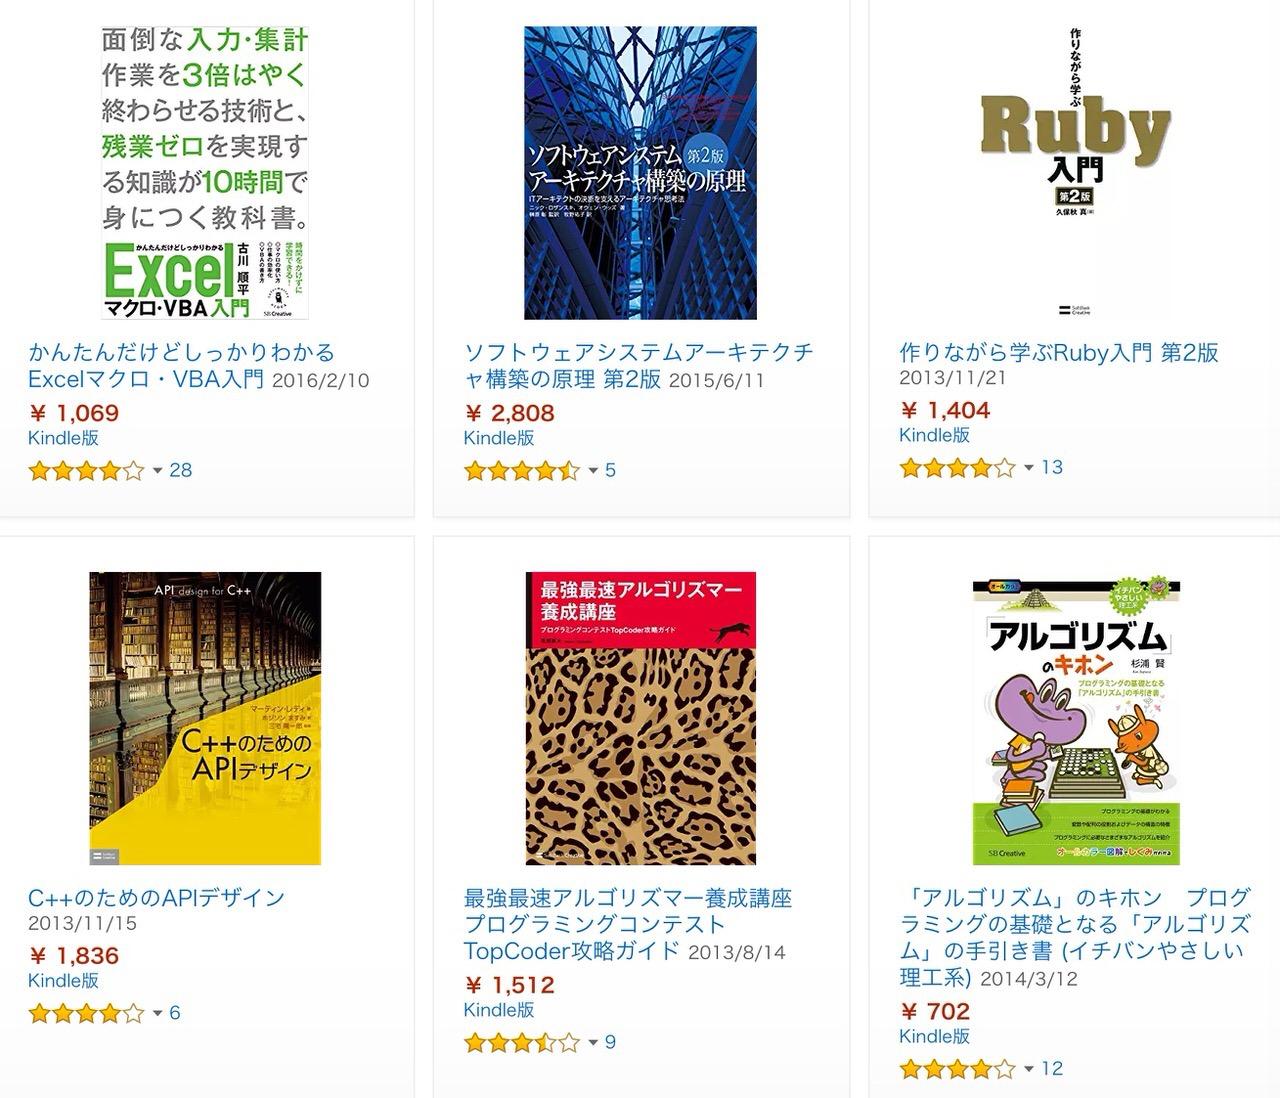 【Kindleセール】50%OFF「プログラミング関連書籍」(11/15まで)